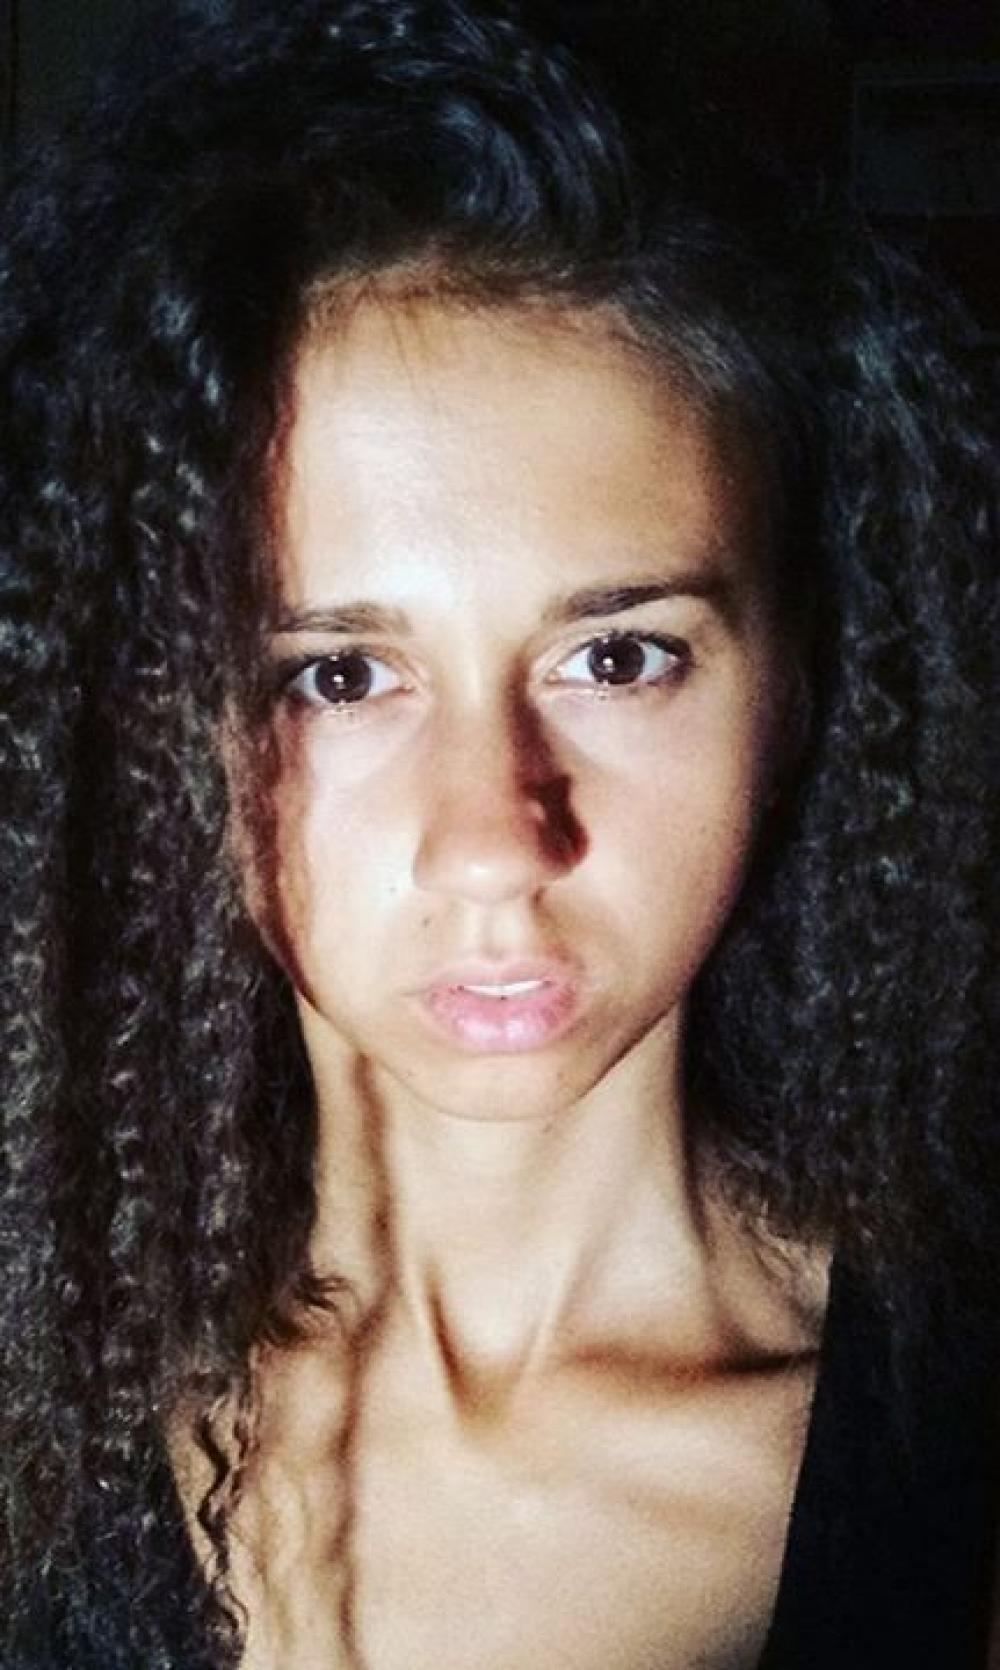 Марина дорошенко работа для моделей в москве в каталогах